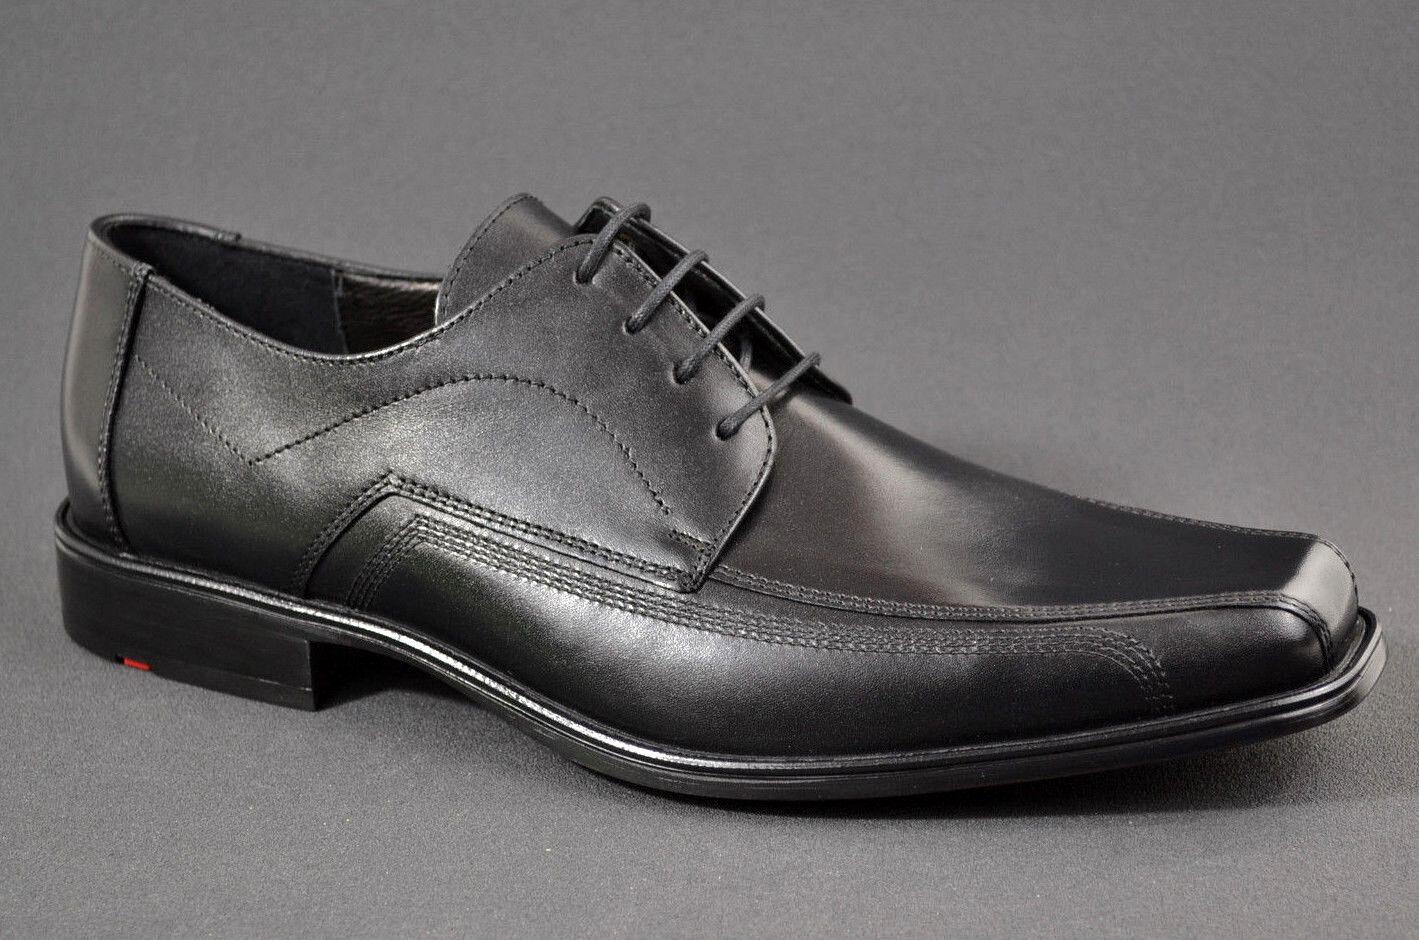 NEU Lloyd shoes klassische Business Schuhe elegant schwarz Leder NEU SALE